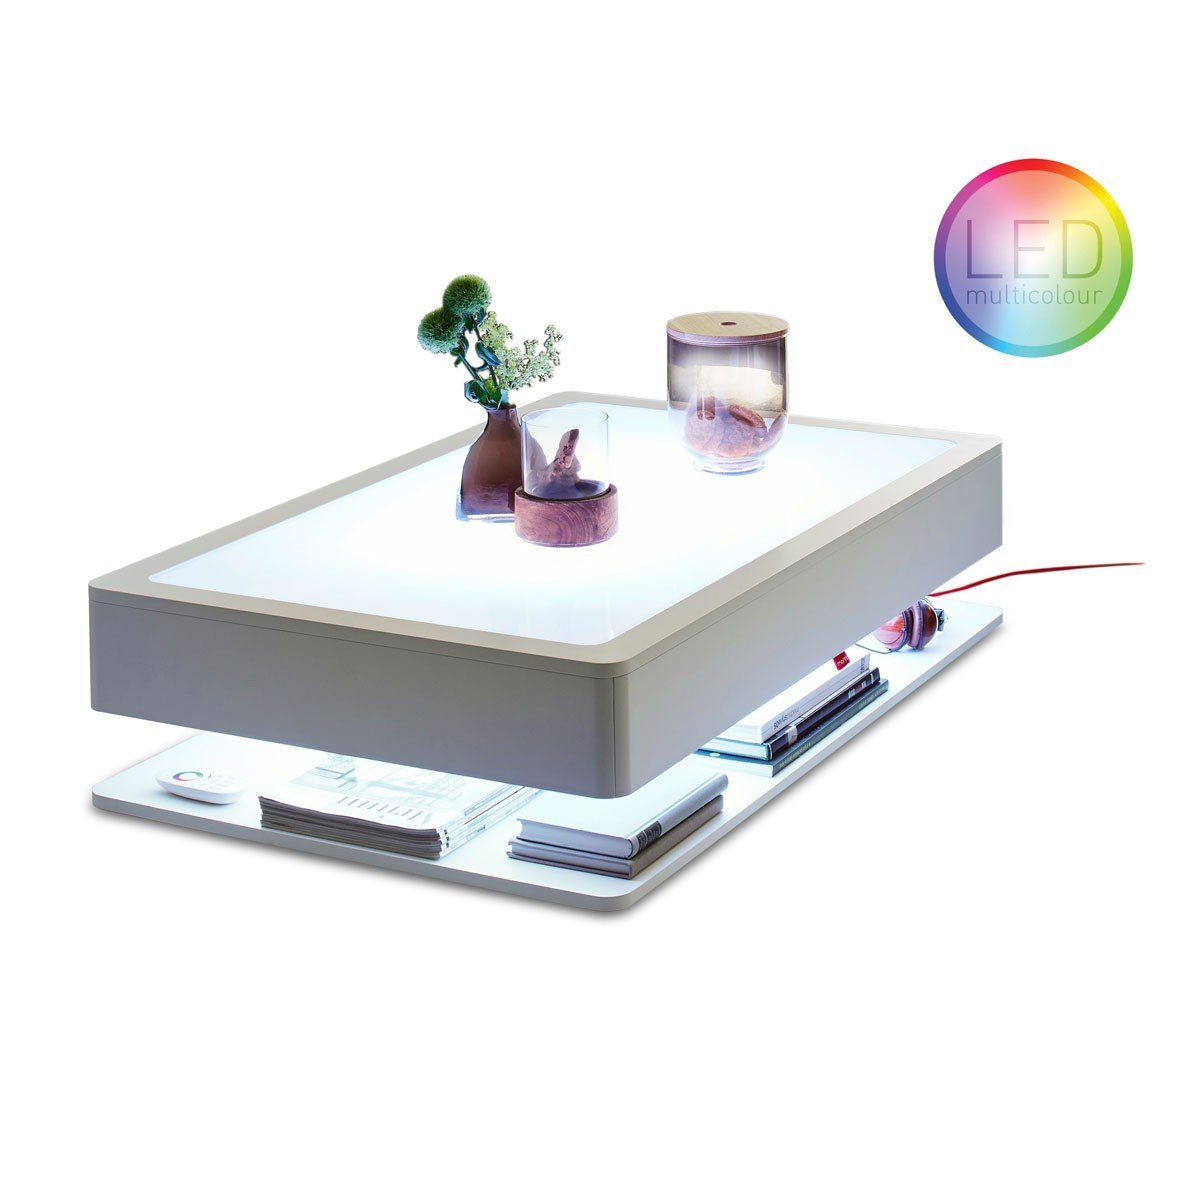 Einzigartig Couchtisch Weiß Glasplatte Referenz Von Moree Ltd. Ora Home Led Pro Couchtisch,